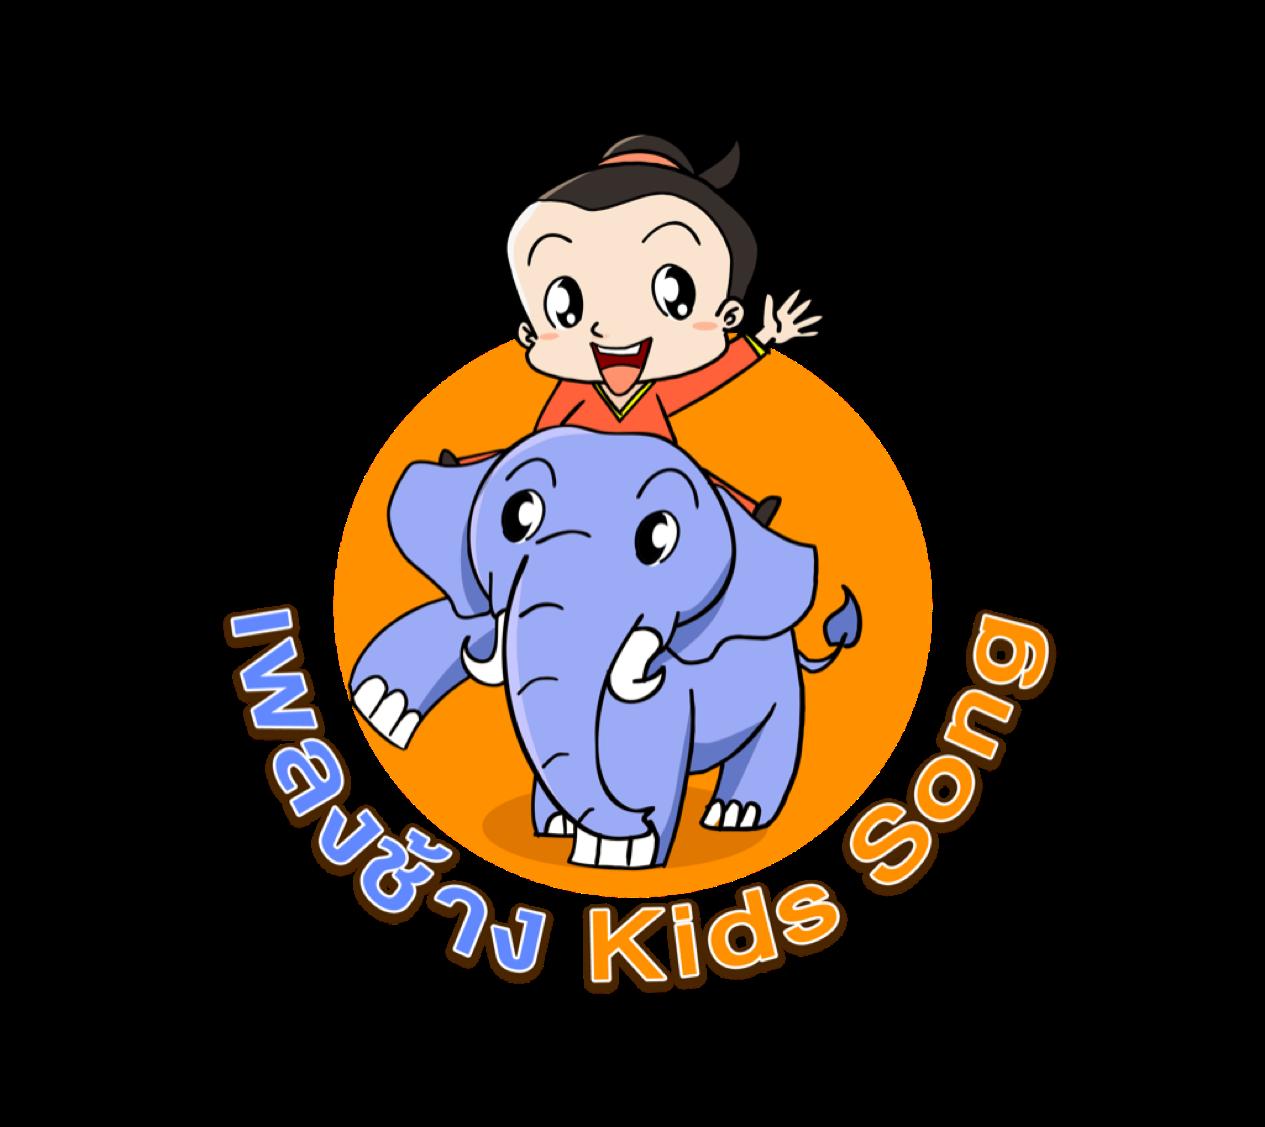 เพลงช้าง การ์ตูนน่ารัก ChangKidsSong